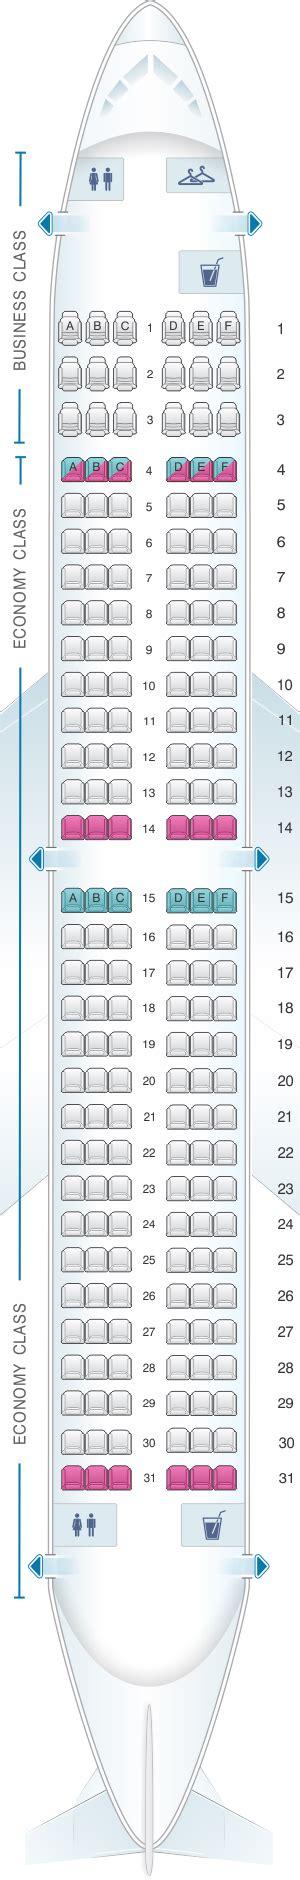 boeing 737 plan sieges plan de cabine air europa boeing b737 800 seatmaestro fr